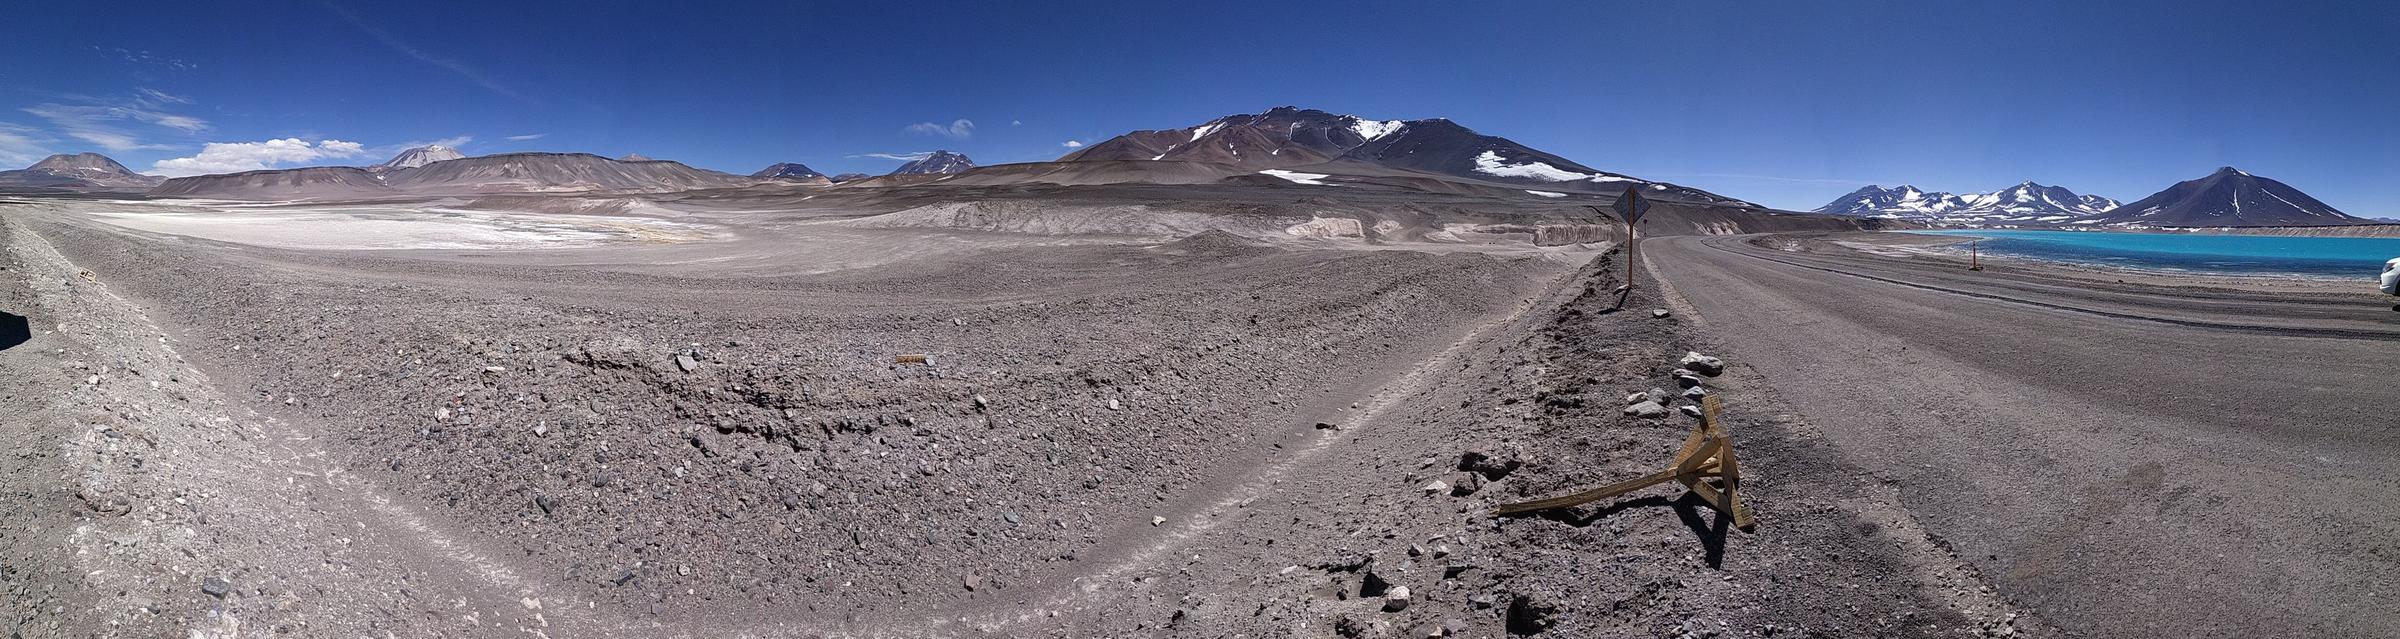 20181026_Copiapo_Atacama_Tres_Cruces_74.